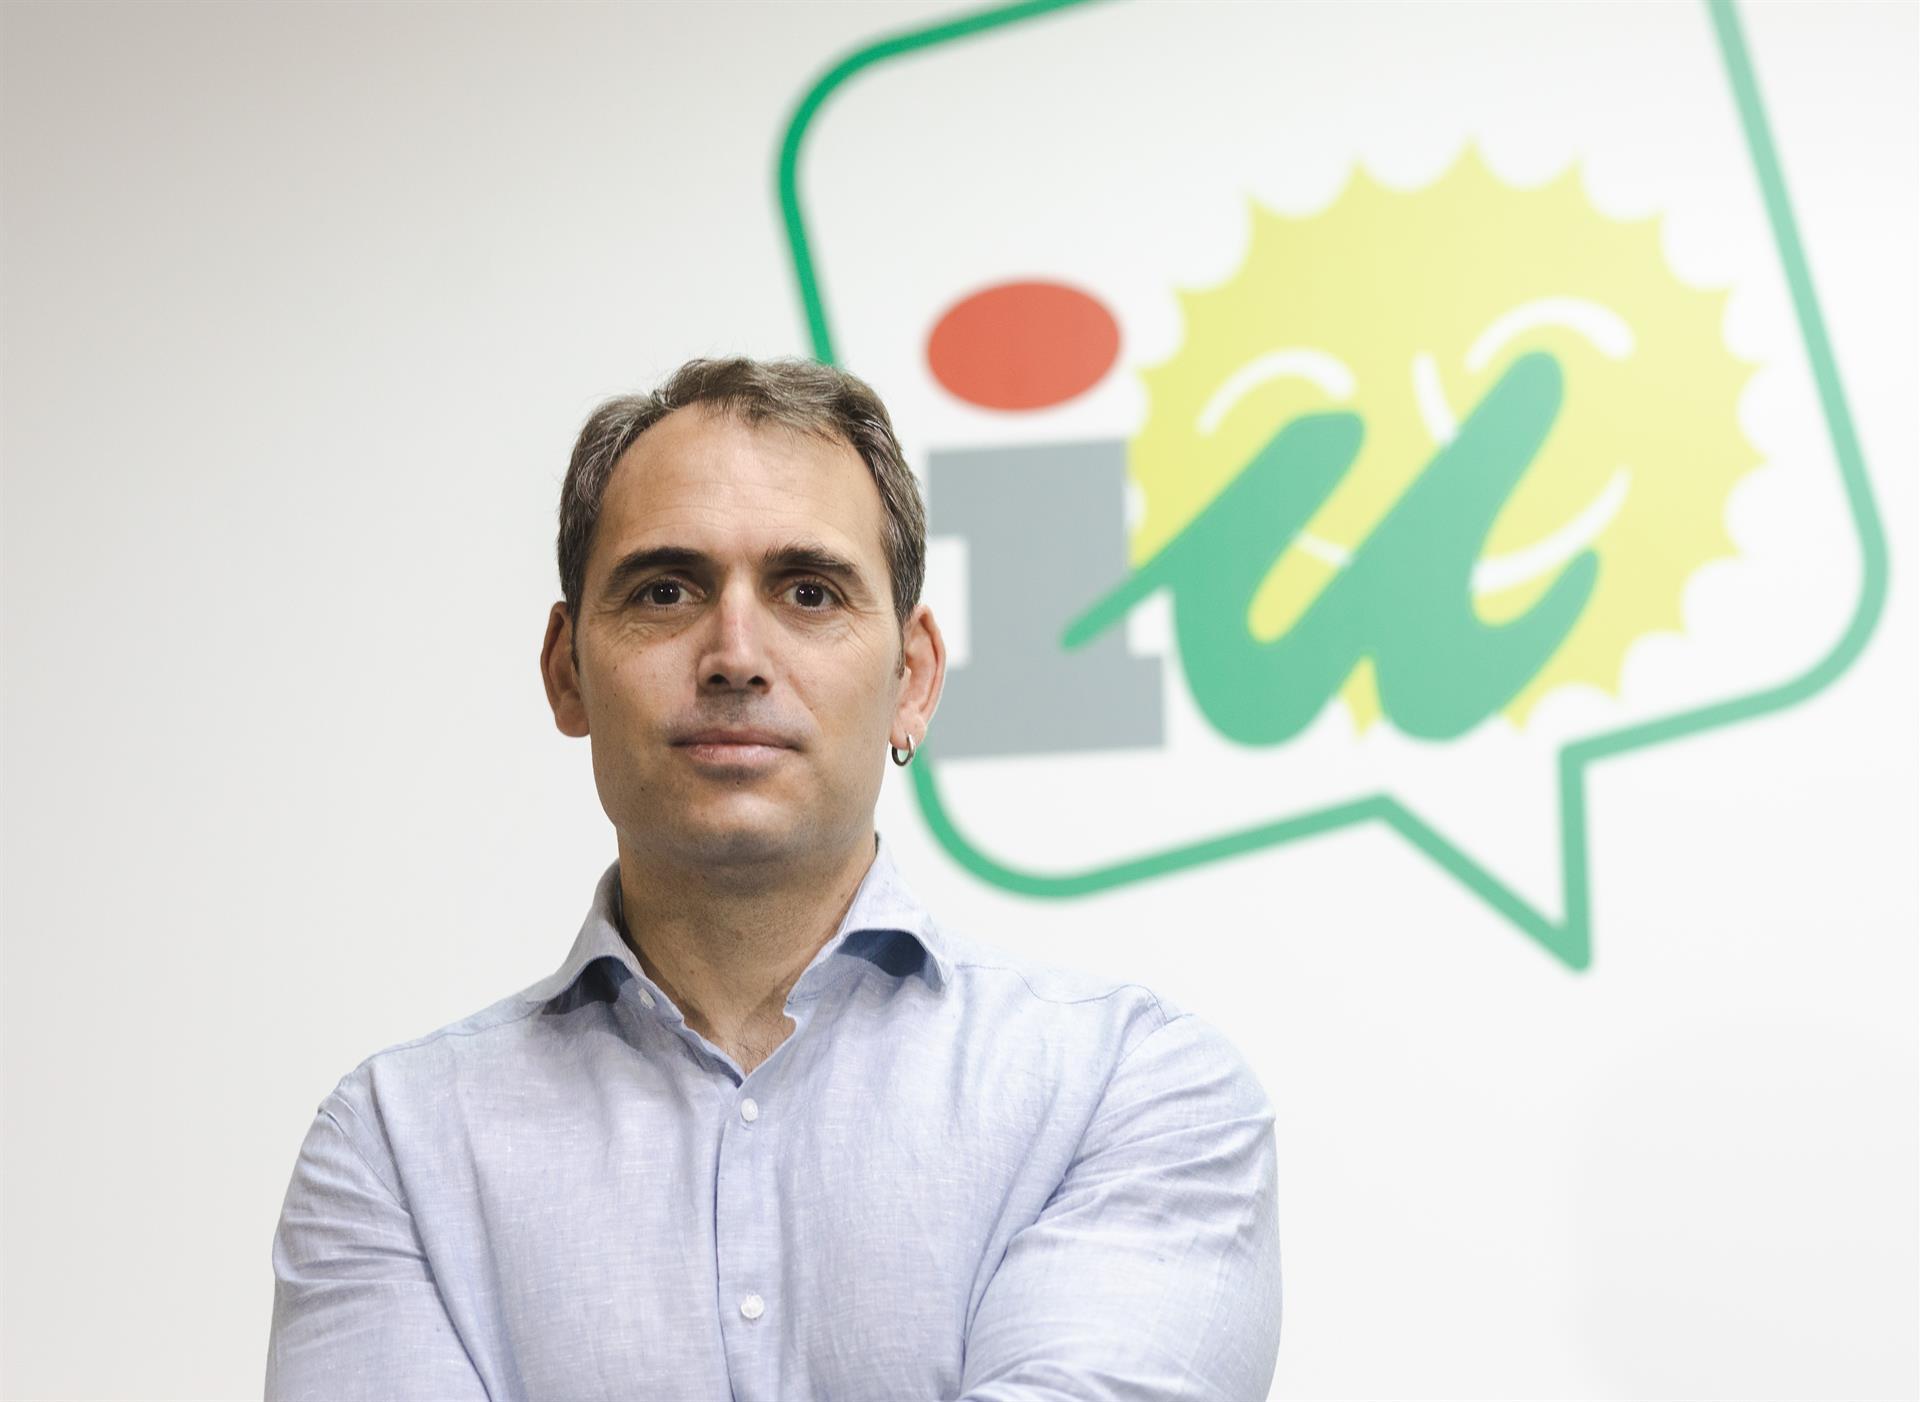 Valero no prevé que Unidas Podemos por Andalucía elija candidato el próximo curso político si no hay adelanto electoral